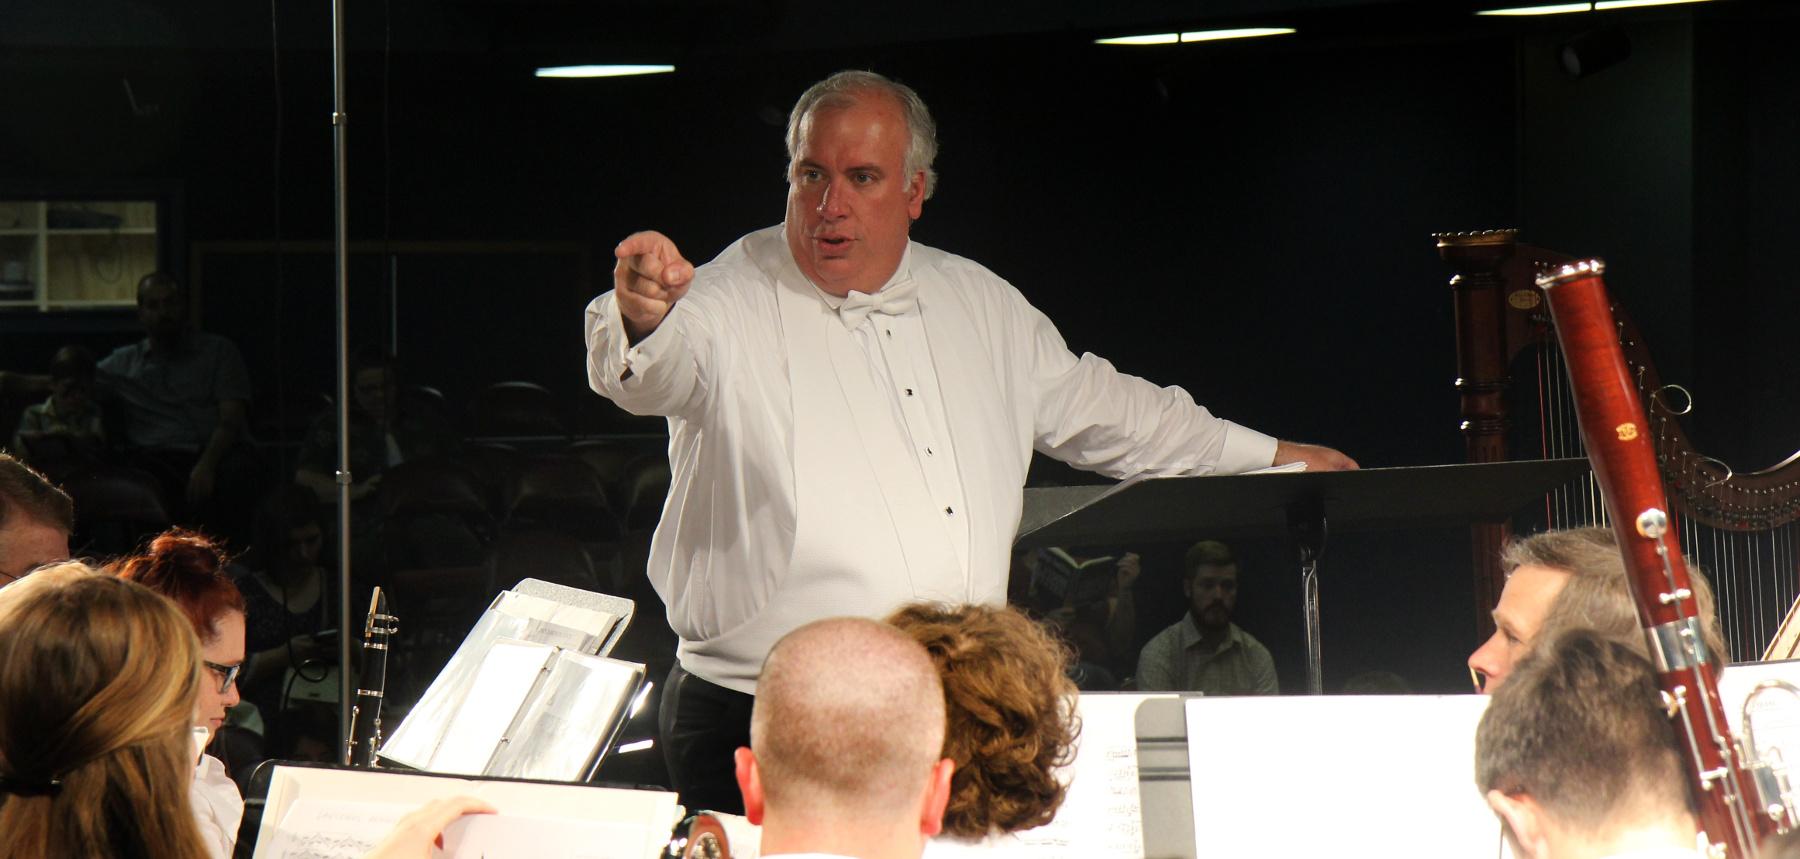 Concert at Daugherty Arts Center